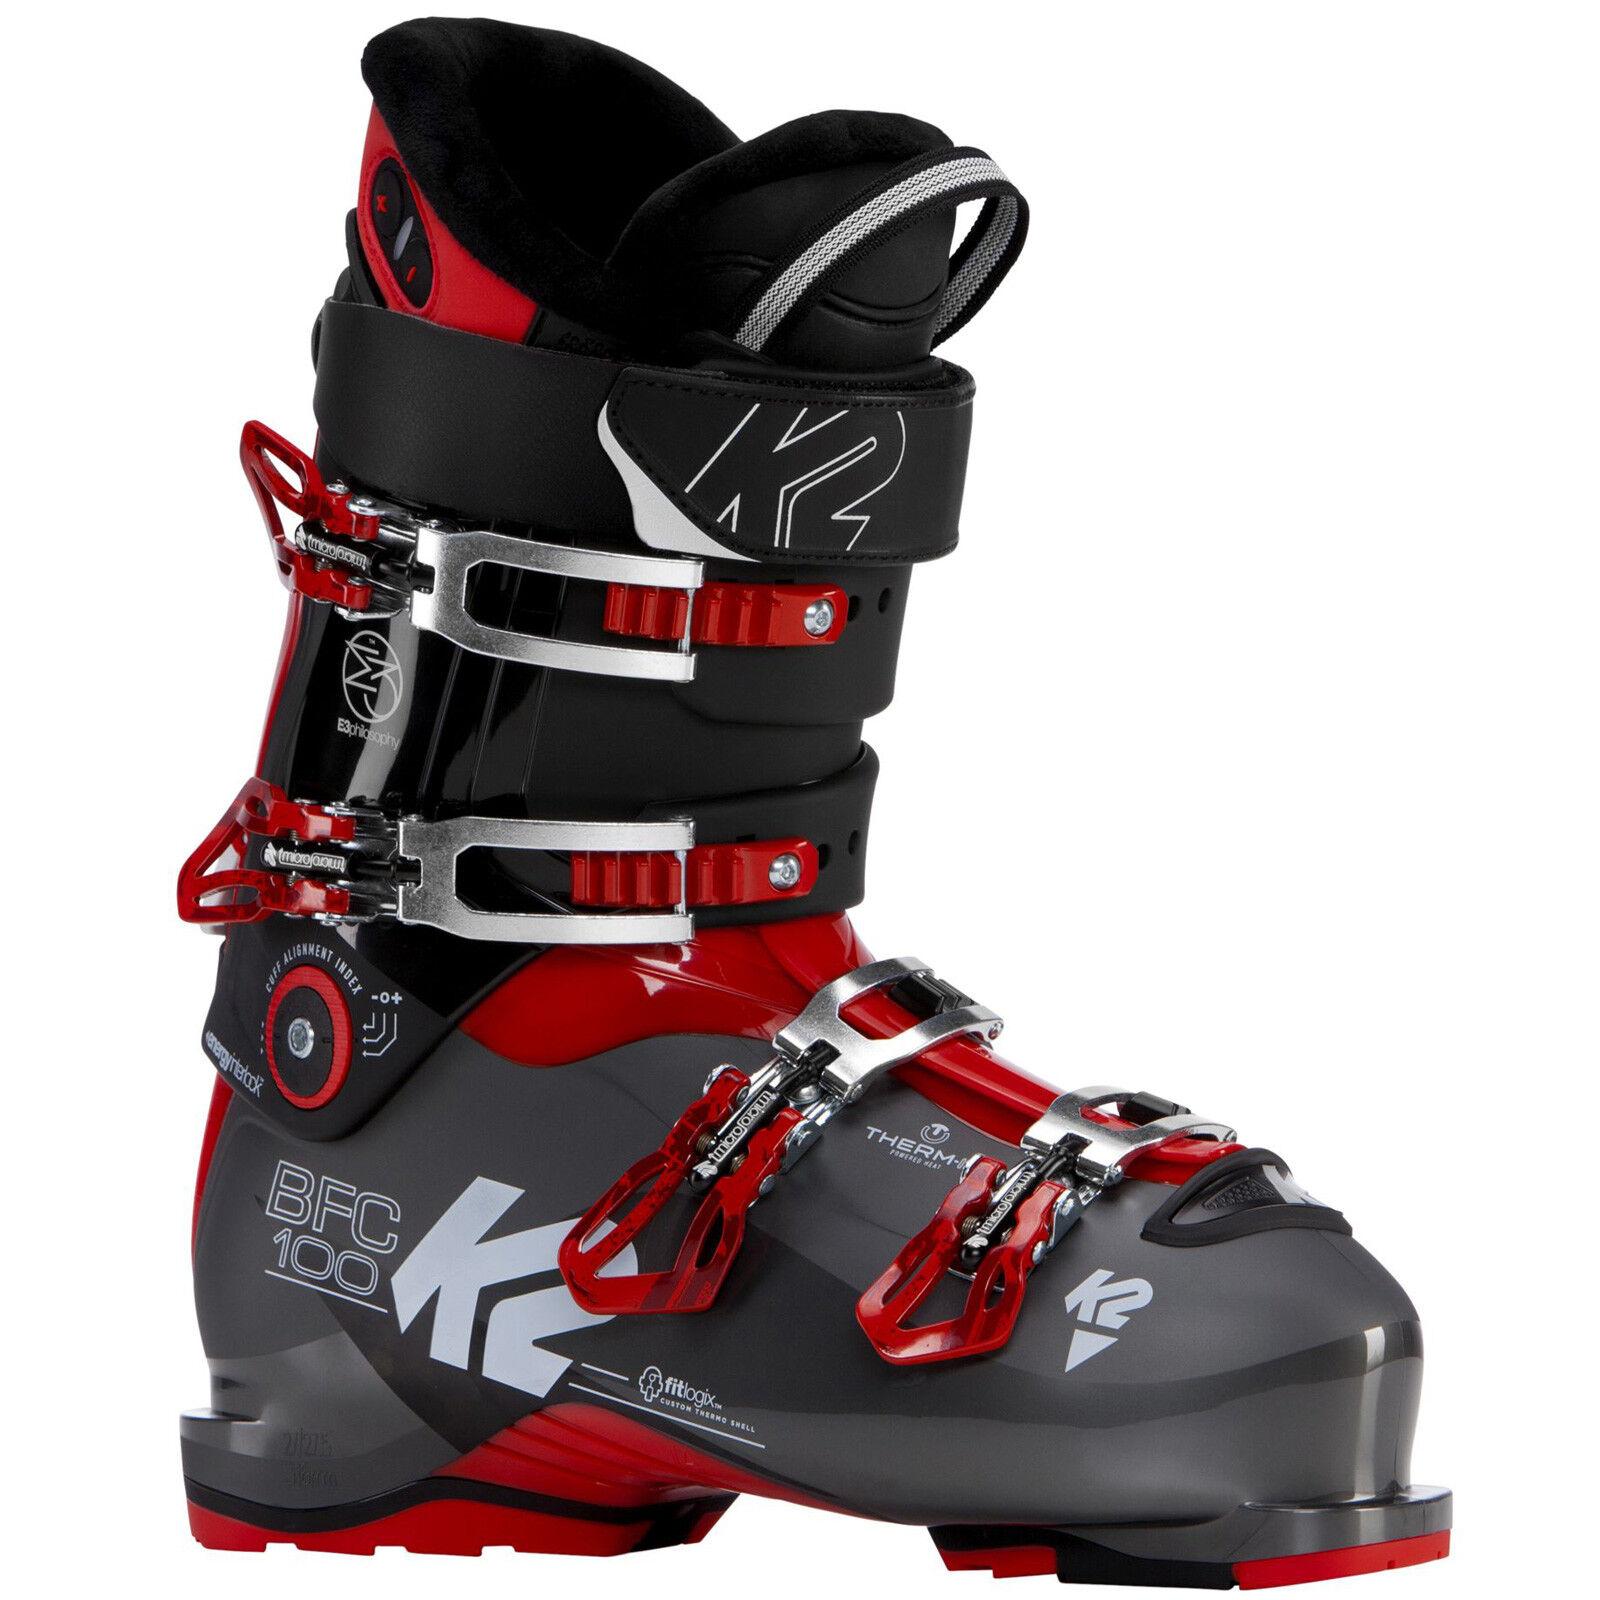 K2 Bfc Walk 100 Hv Heat Heatable Men's Ski Boots Ski Boots Ski Boots New Top